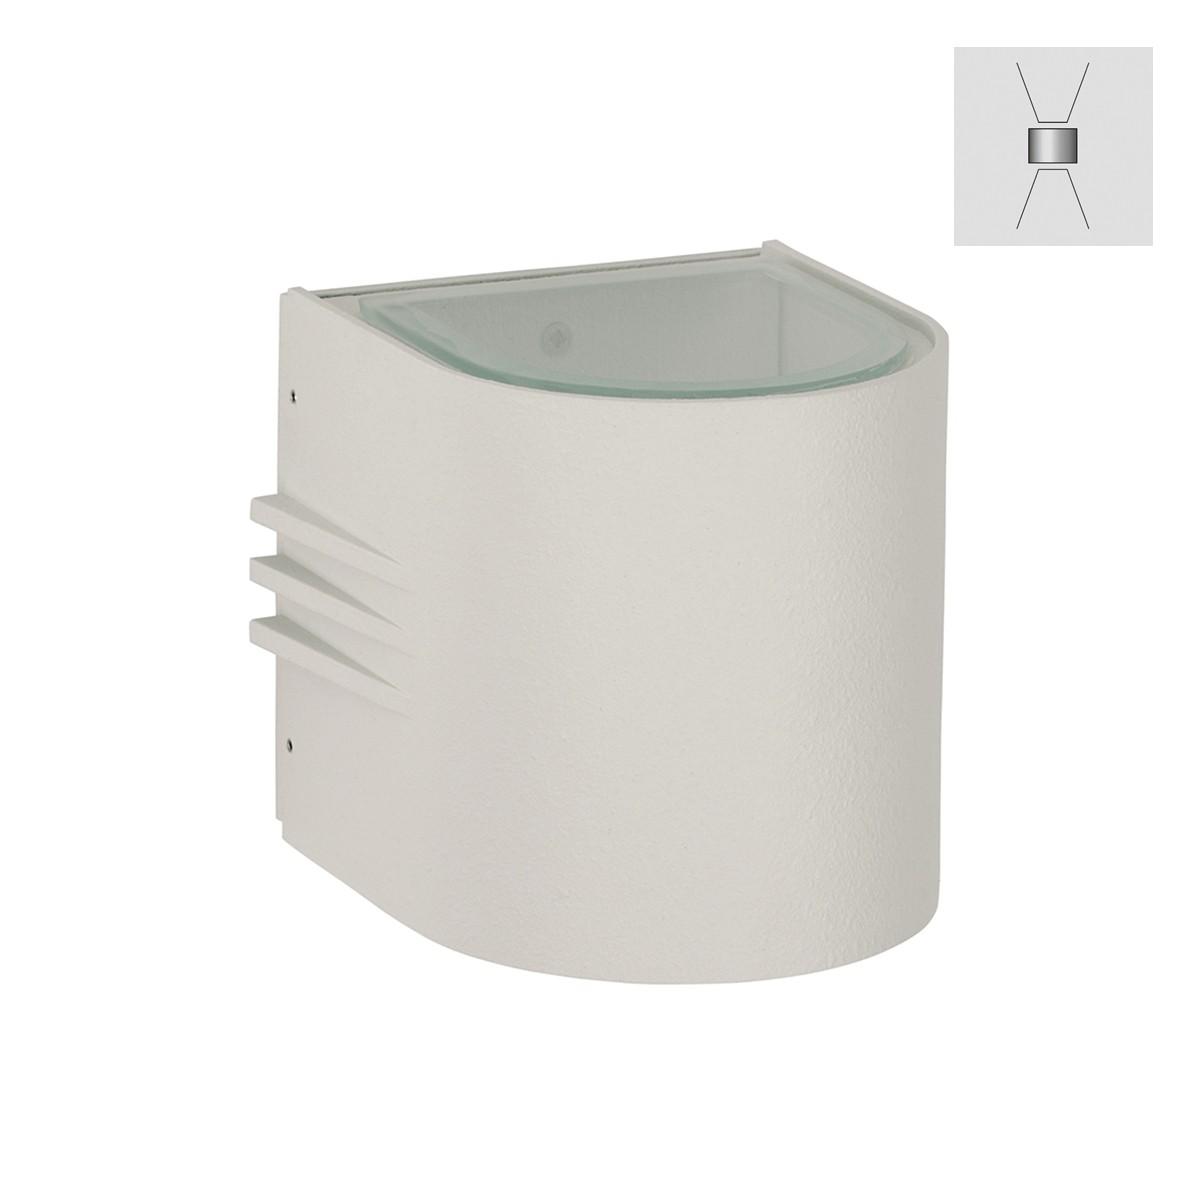 Albert 2308 Wandstrahler, breit/breit, weiß